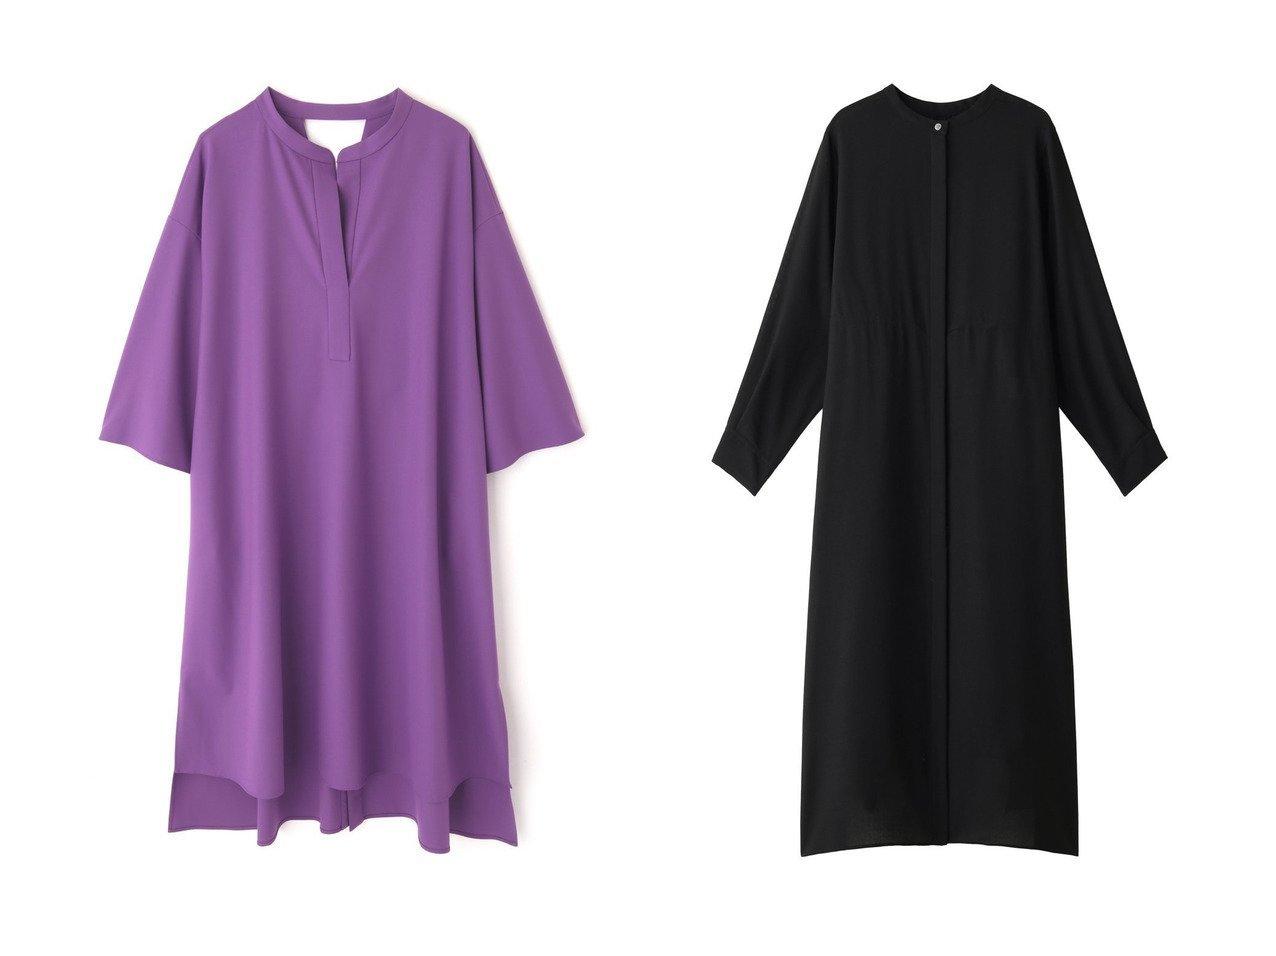 【allureville/アルアバイル】のウォッシャブル2WAYシャツワンピース&【LE PHIL/ル フィル】のファインウォッシャブルワンピース ワンピース・ドレスのおすすめ!人気、トレンド・レディースファッションの通販 おすすめで人気の流行・トレンド、ファッションの通販商品 メンズファッション・キッズファッション・インテリア・家具・レディースファッション・服の通販 founy(ファニー) https://founy.com/ ファッション Fashion レディースファッション WOMEN ワンピース Dress シャツワンピース Shirt Dresses インナー シンプル ロング ウォッシャブル エアリー フェミニン |ID:crp329100000009369